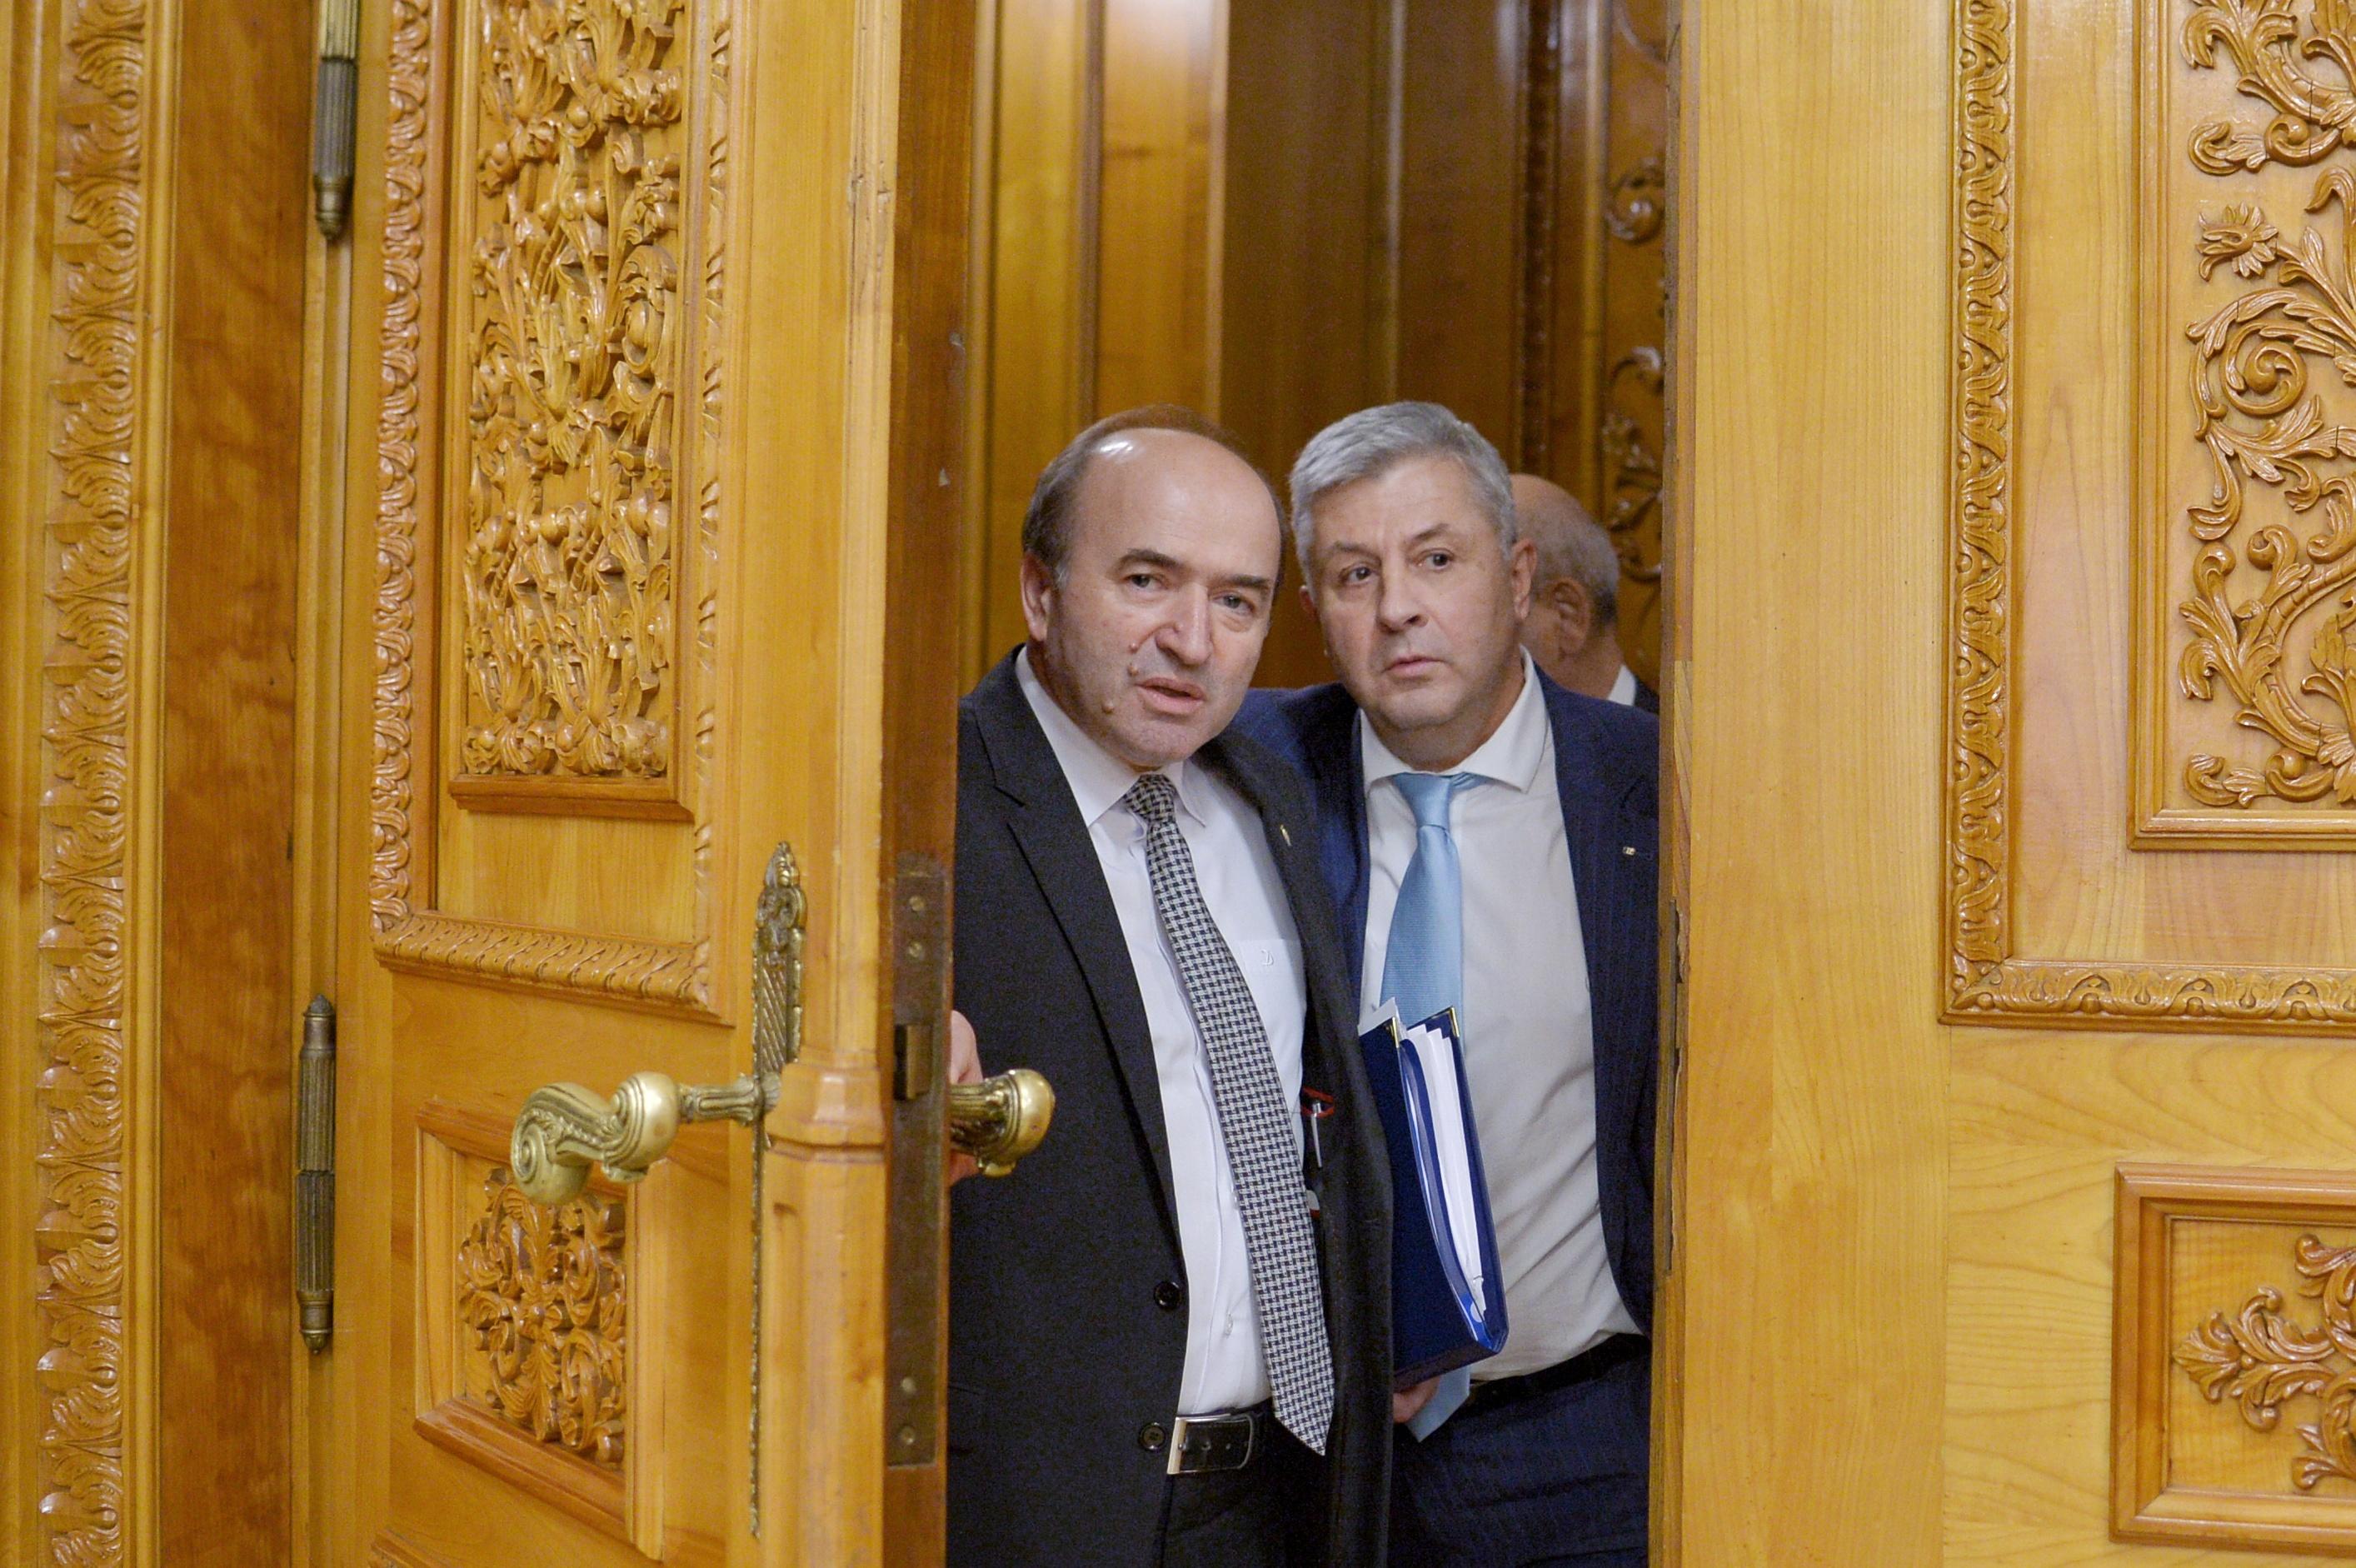 Consiliul Europei, critici la adresa României privind combaterea corupţiei. Raport GRECO: A înregistrat progrese `foarte limitate` / Reacţia PÎCCJ